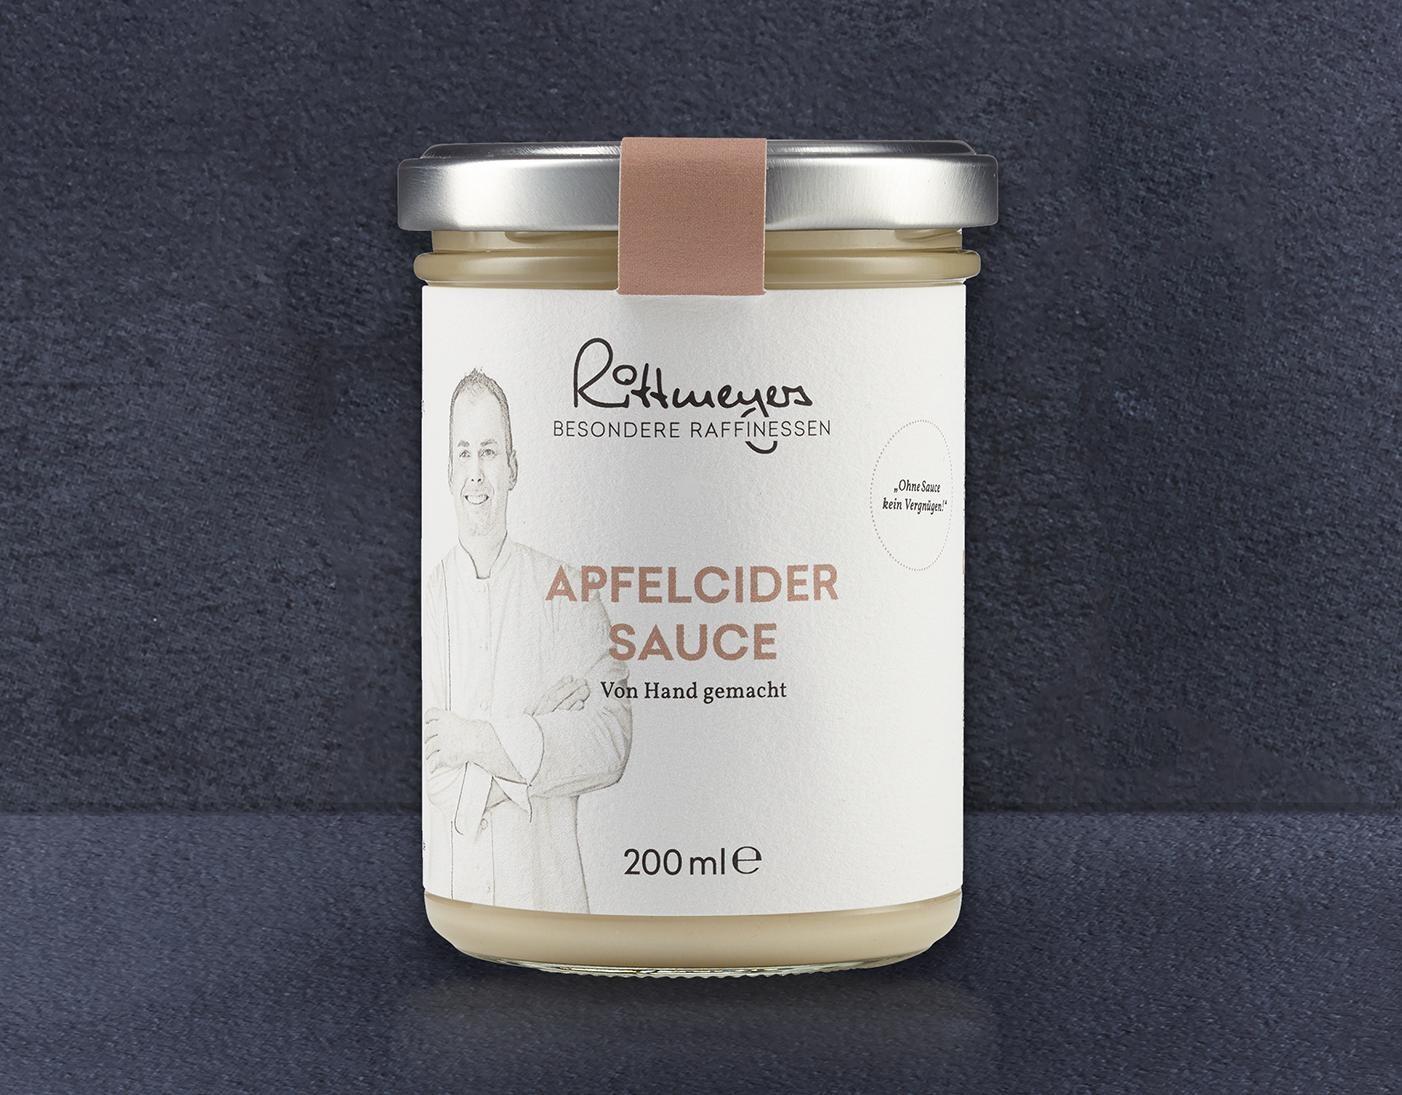 Jens Rittmeyer »Apfelcider-Sauce« jetzt kaufen!